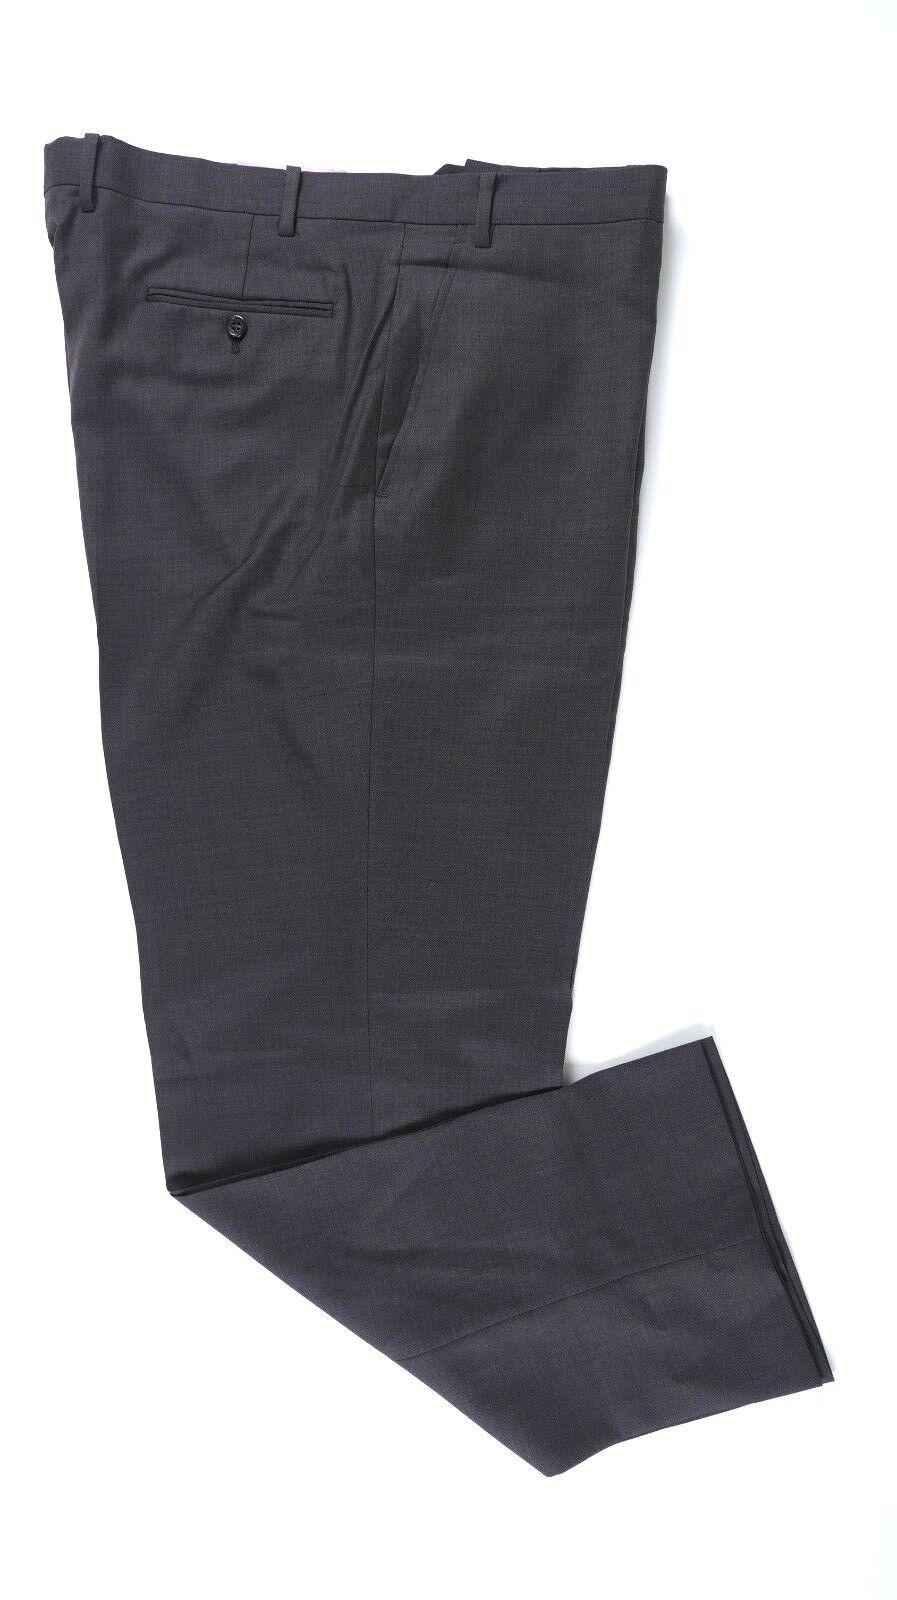 Alfani RED Slim Fit Dark Taupe Flat Front 100% Wool Dress Pants 30x30